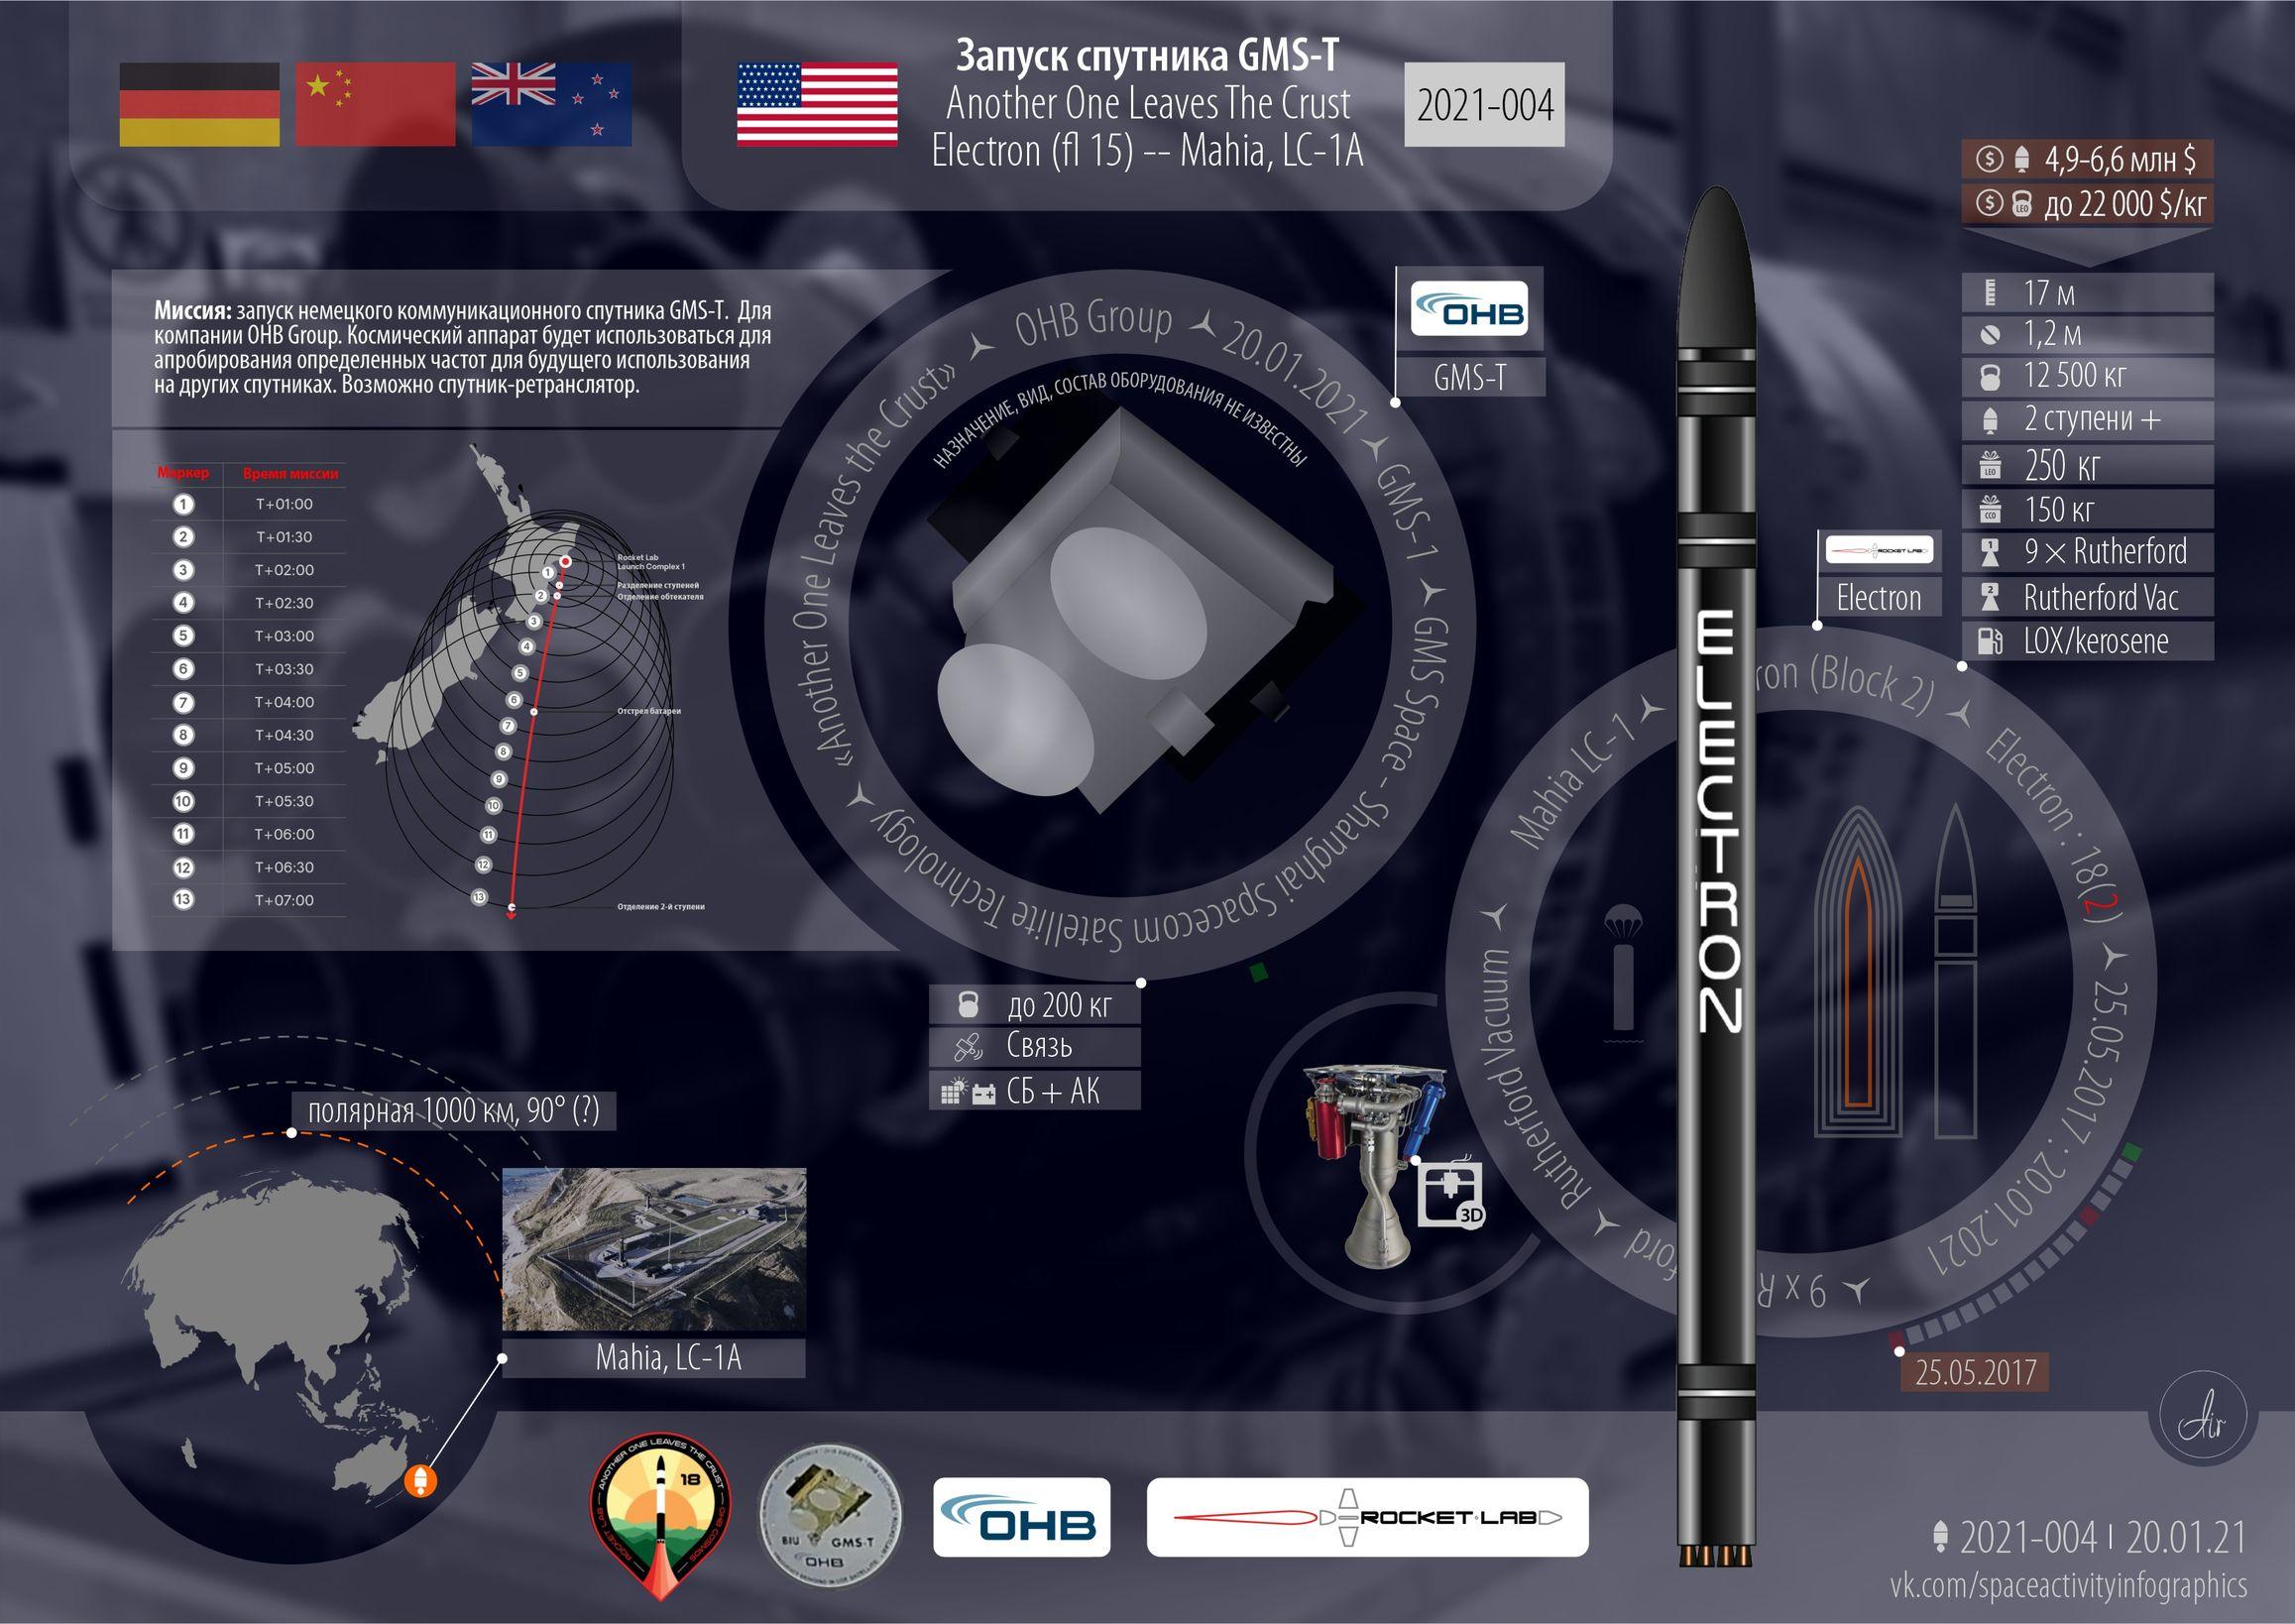 Инфографика текущего запуска Electron/GMS-T.